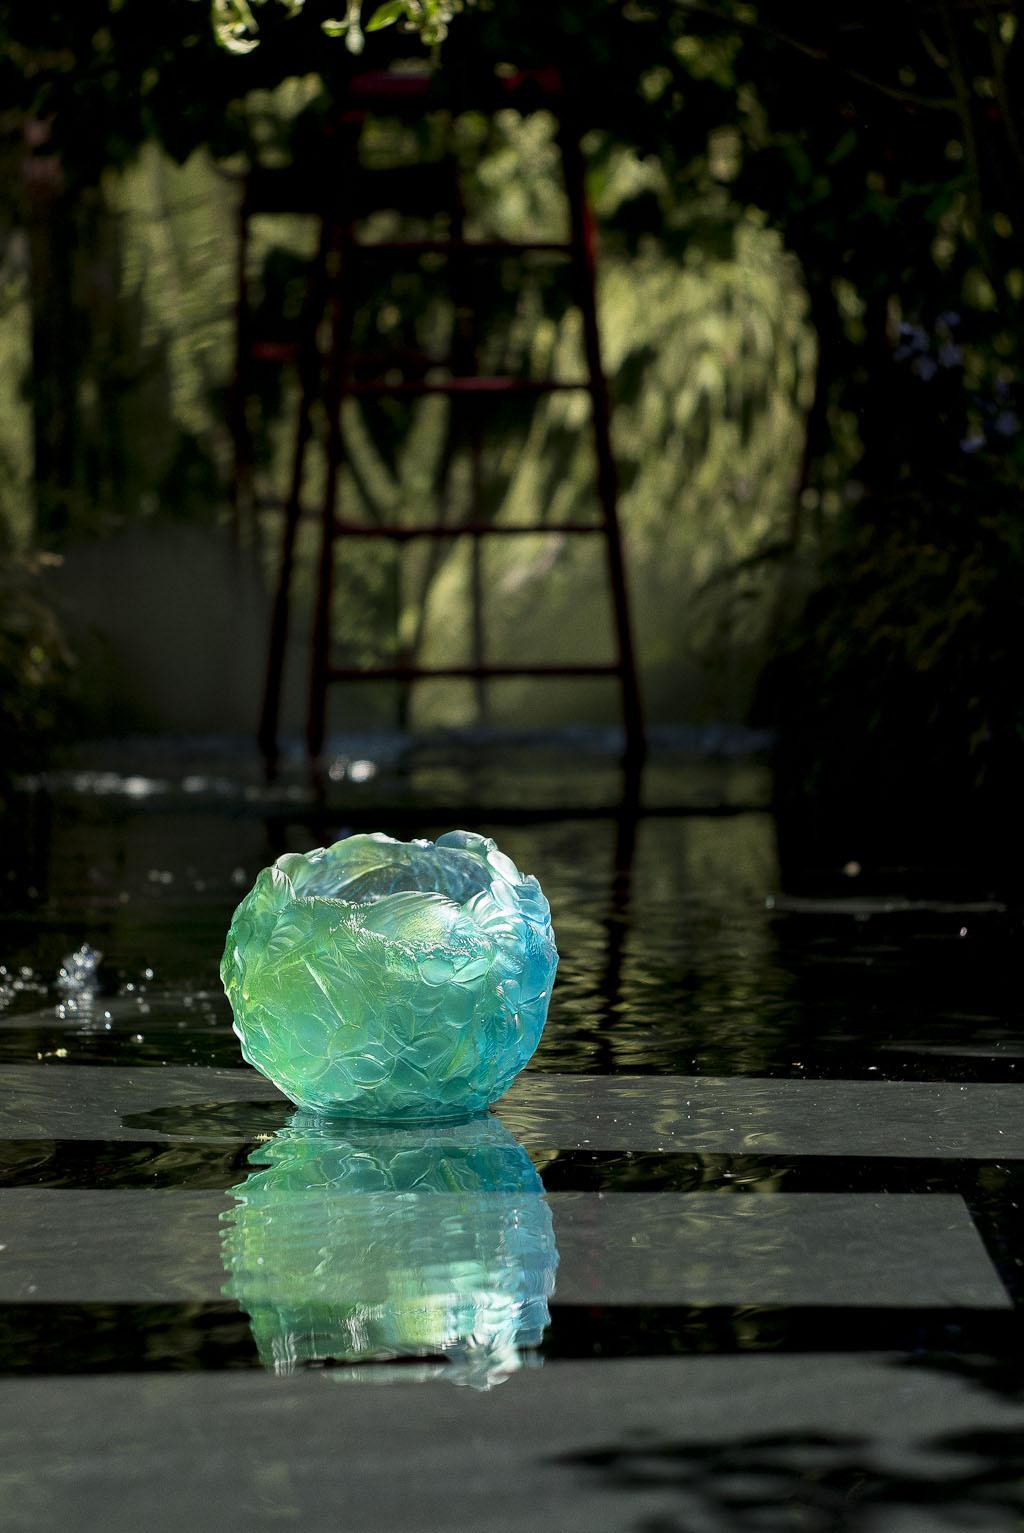 Le jardin noir par Conception Pierre-Alexandre Risser et Solenn Moquet du bureau d'études Horticulture & Jardins, vainqueur du trophée Daum pour le prix de la création paysagère Jardins Jardin 2015 aux Tuileries - Paris